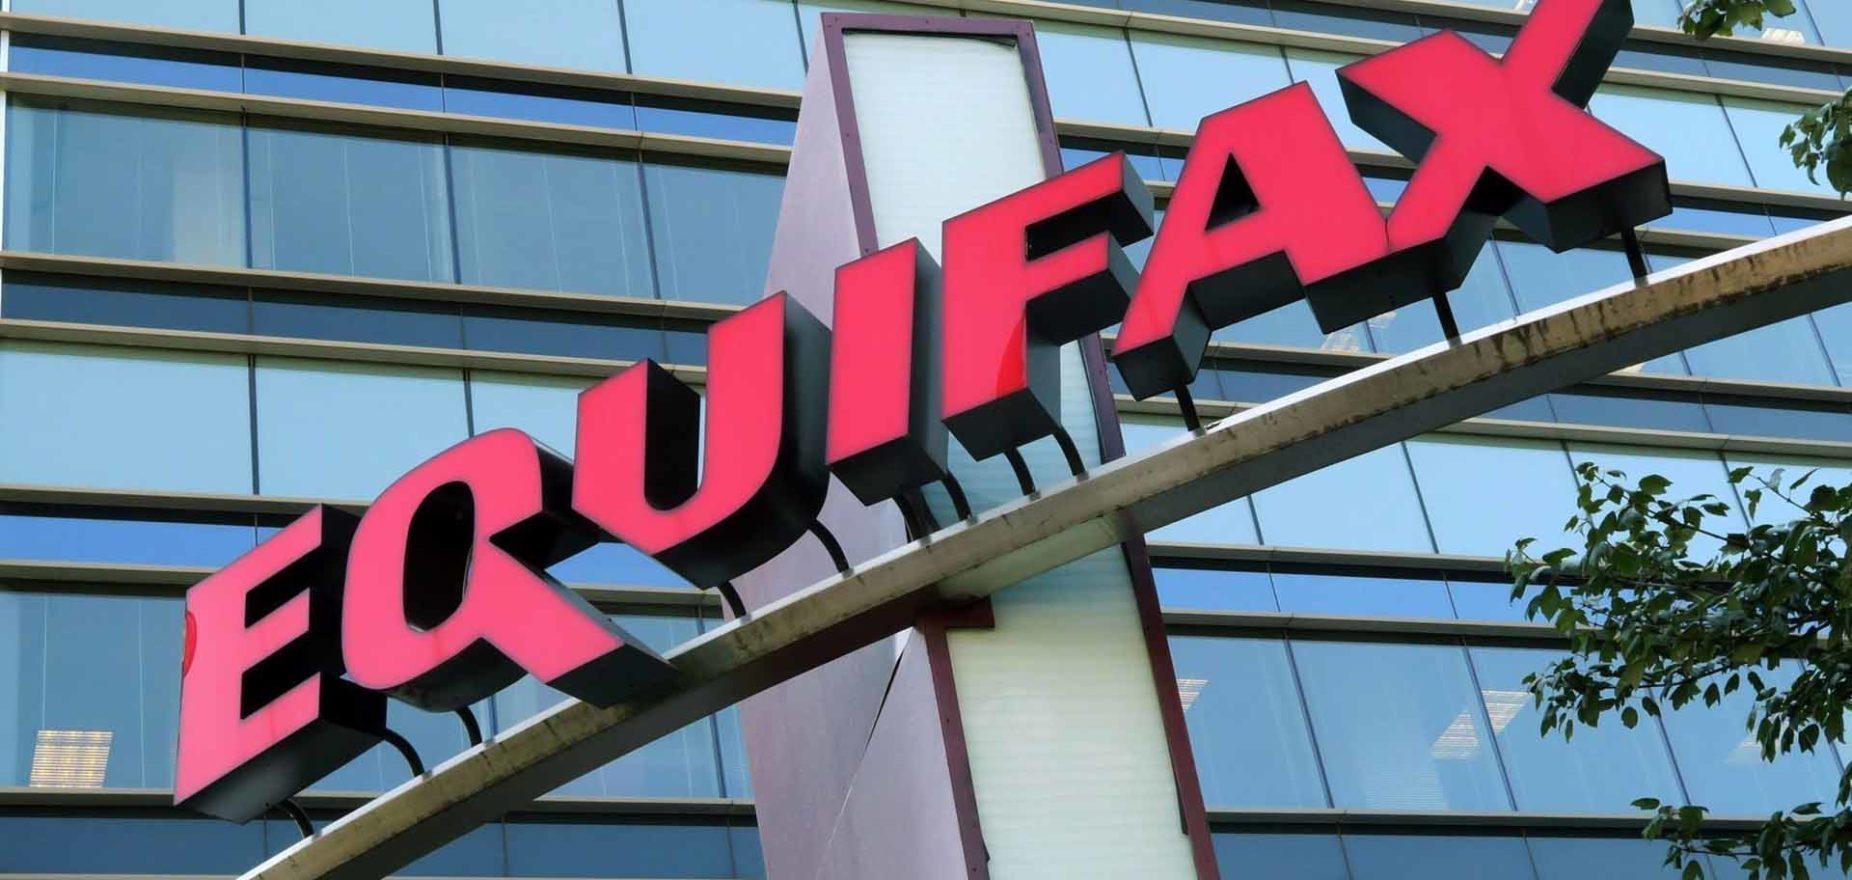 Equifax Data Breach Opens Door for Blockchain Credit Apps